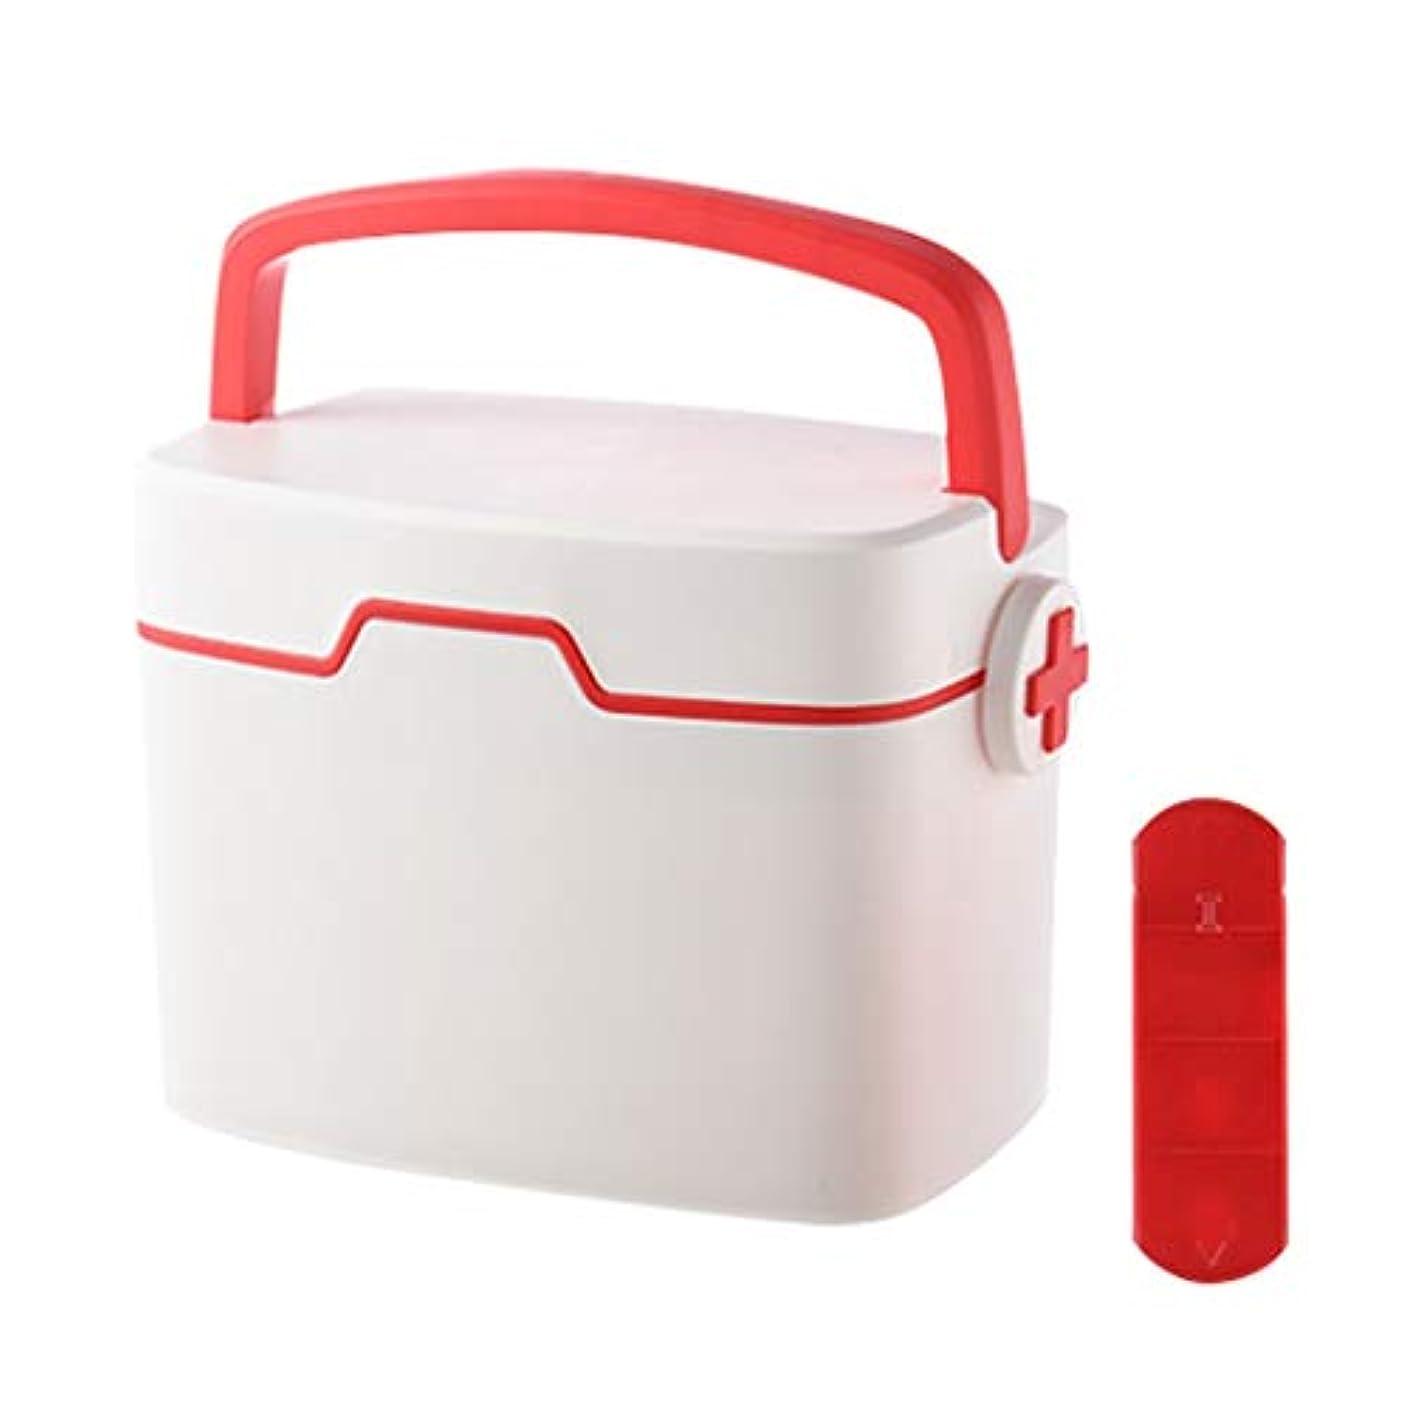 動物勇者家庭CQ 家庭用二層緊急救助キット大容量コンパートメント収納ボックスポータブル寮仕上げ収納ボックス (Color : Red)